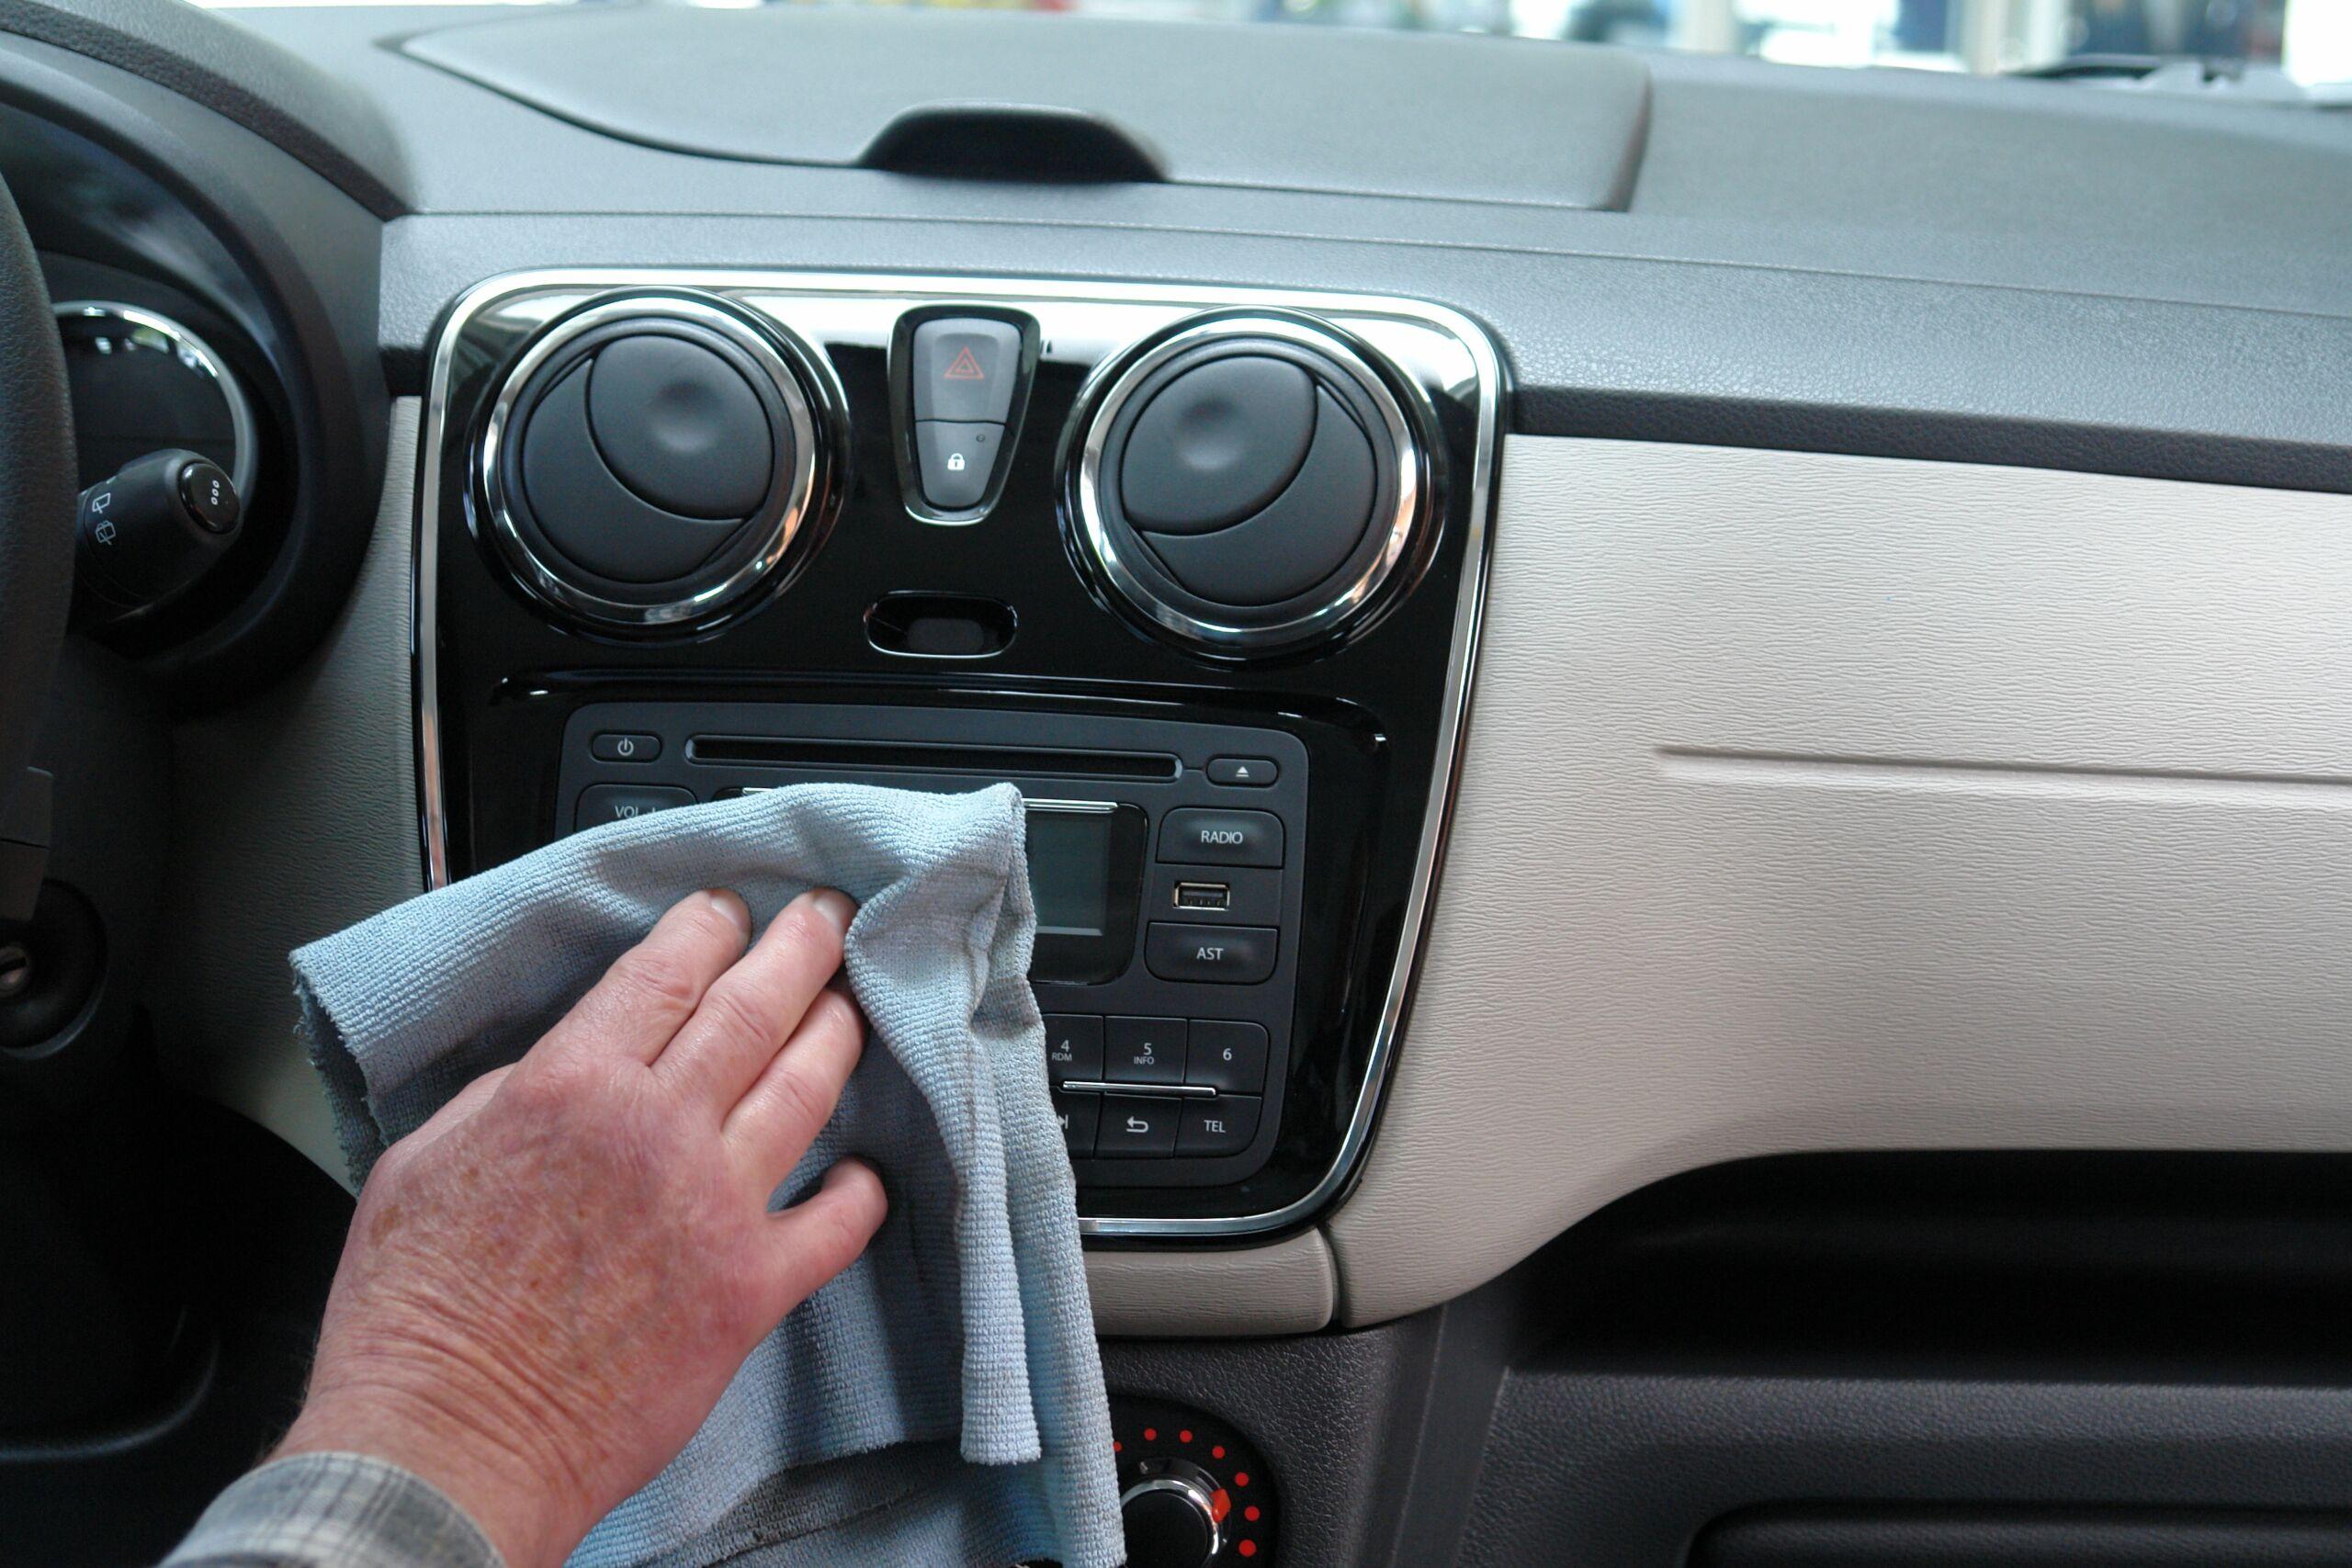 Zakamarki w samochodzie